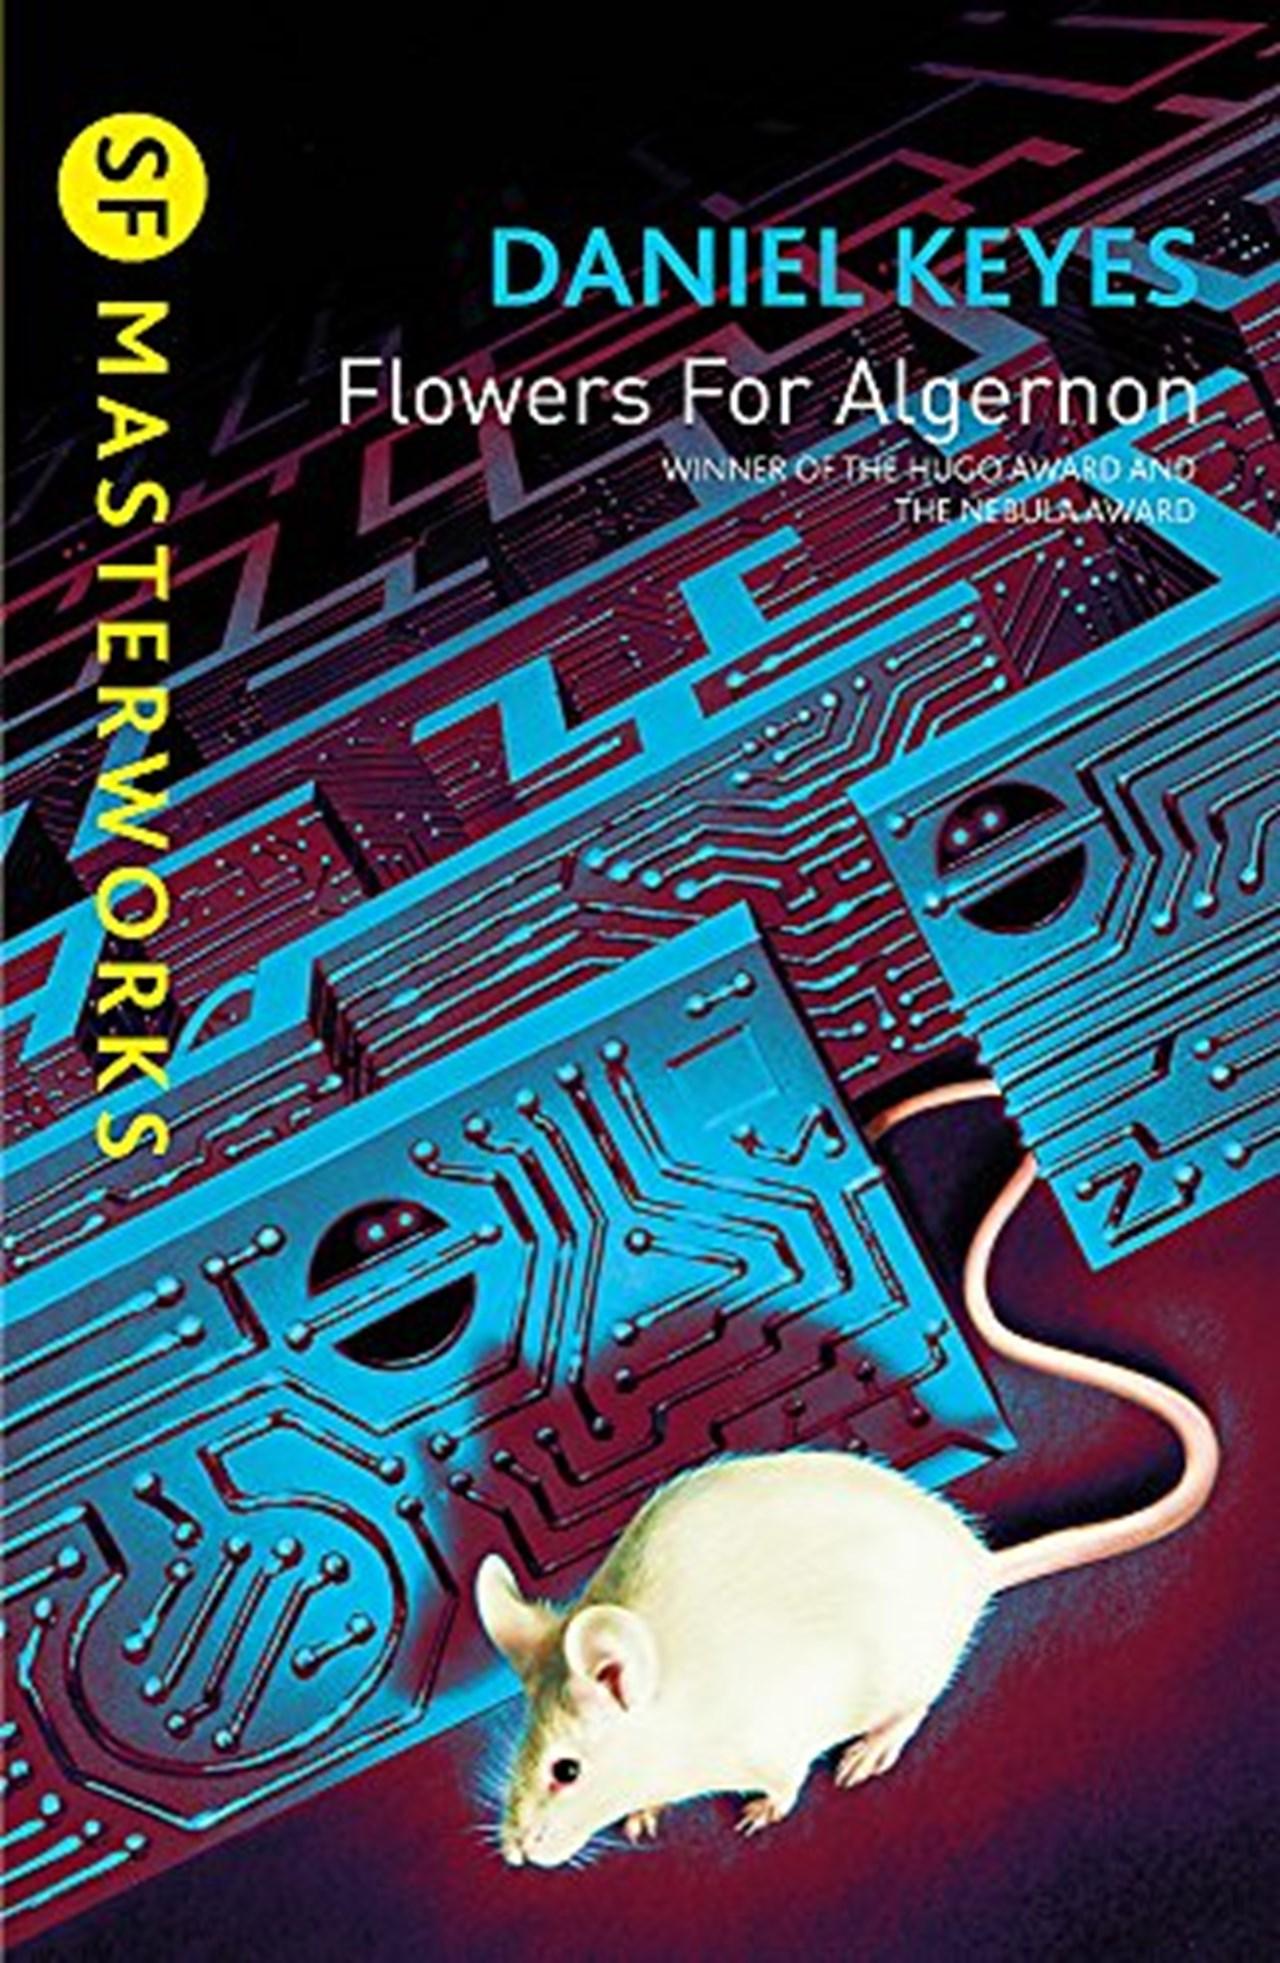 Flowers For Algernon - 1